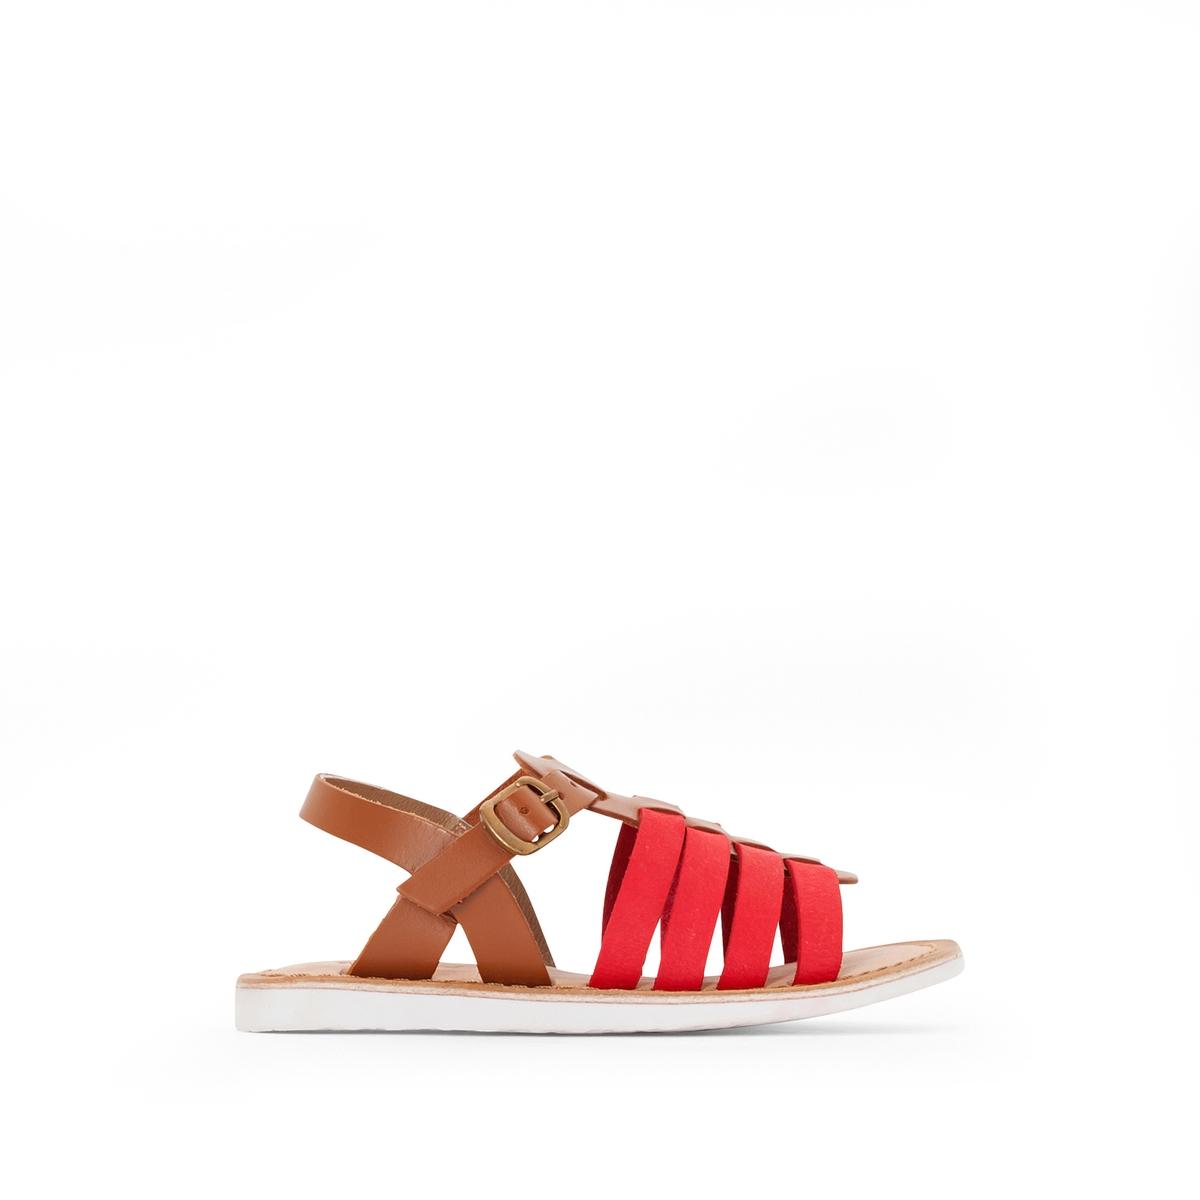 Сандалии кожаные двухцветные SpartaВерх : Невыделанная кожа   Подкладка : Козья кожа    Стелька : Кожа буйволаПодошва : синтетика   Застежка : пряжка.<br><br>Цвет: красный/темно-бежевый<br>Размер: 32.35